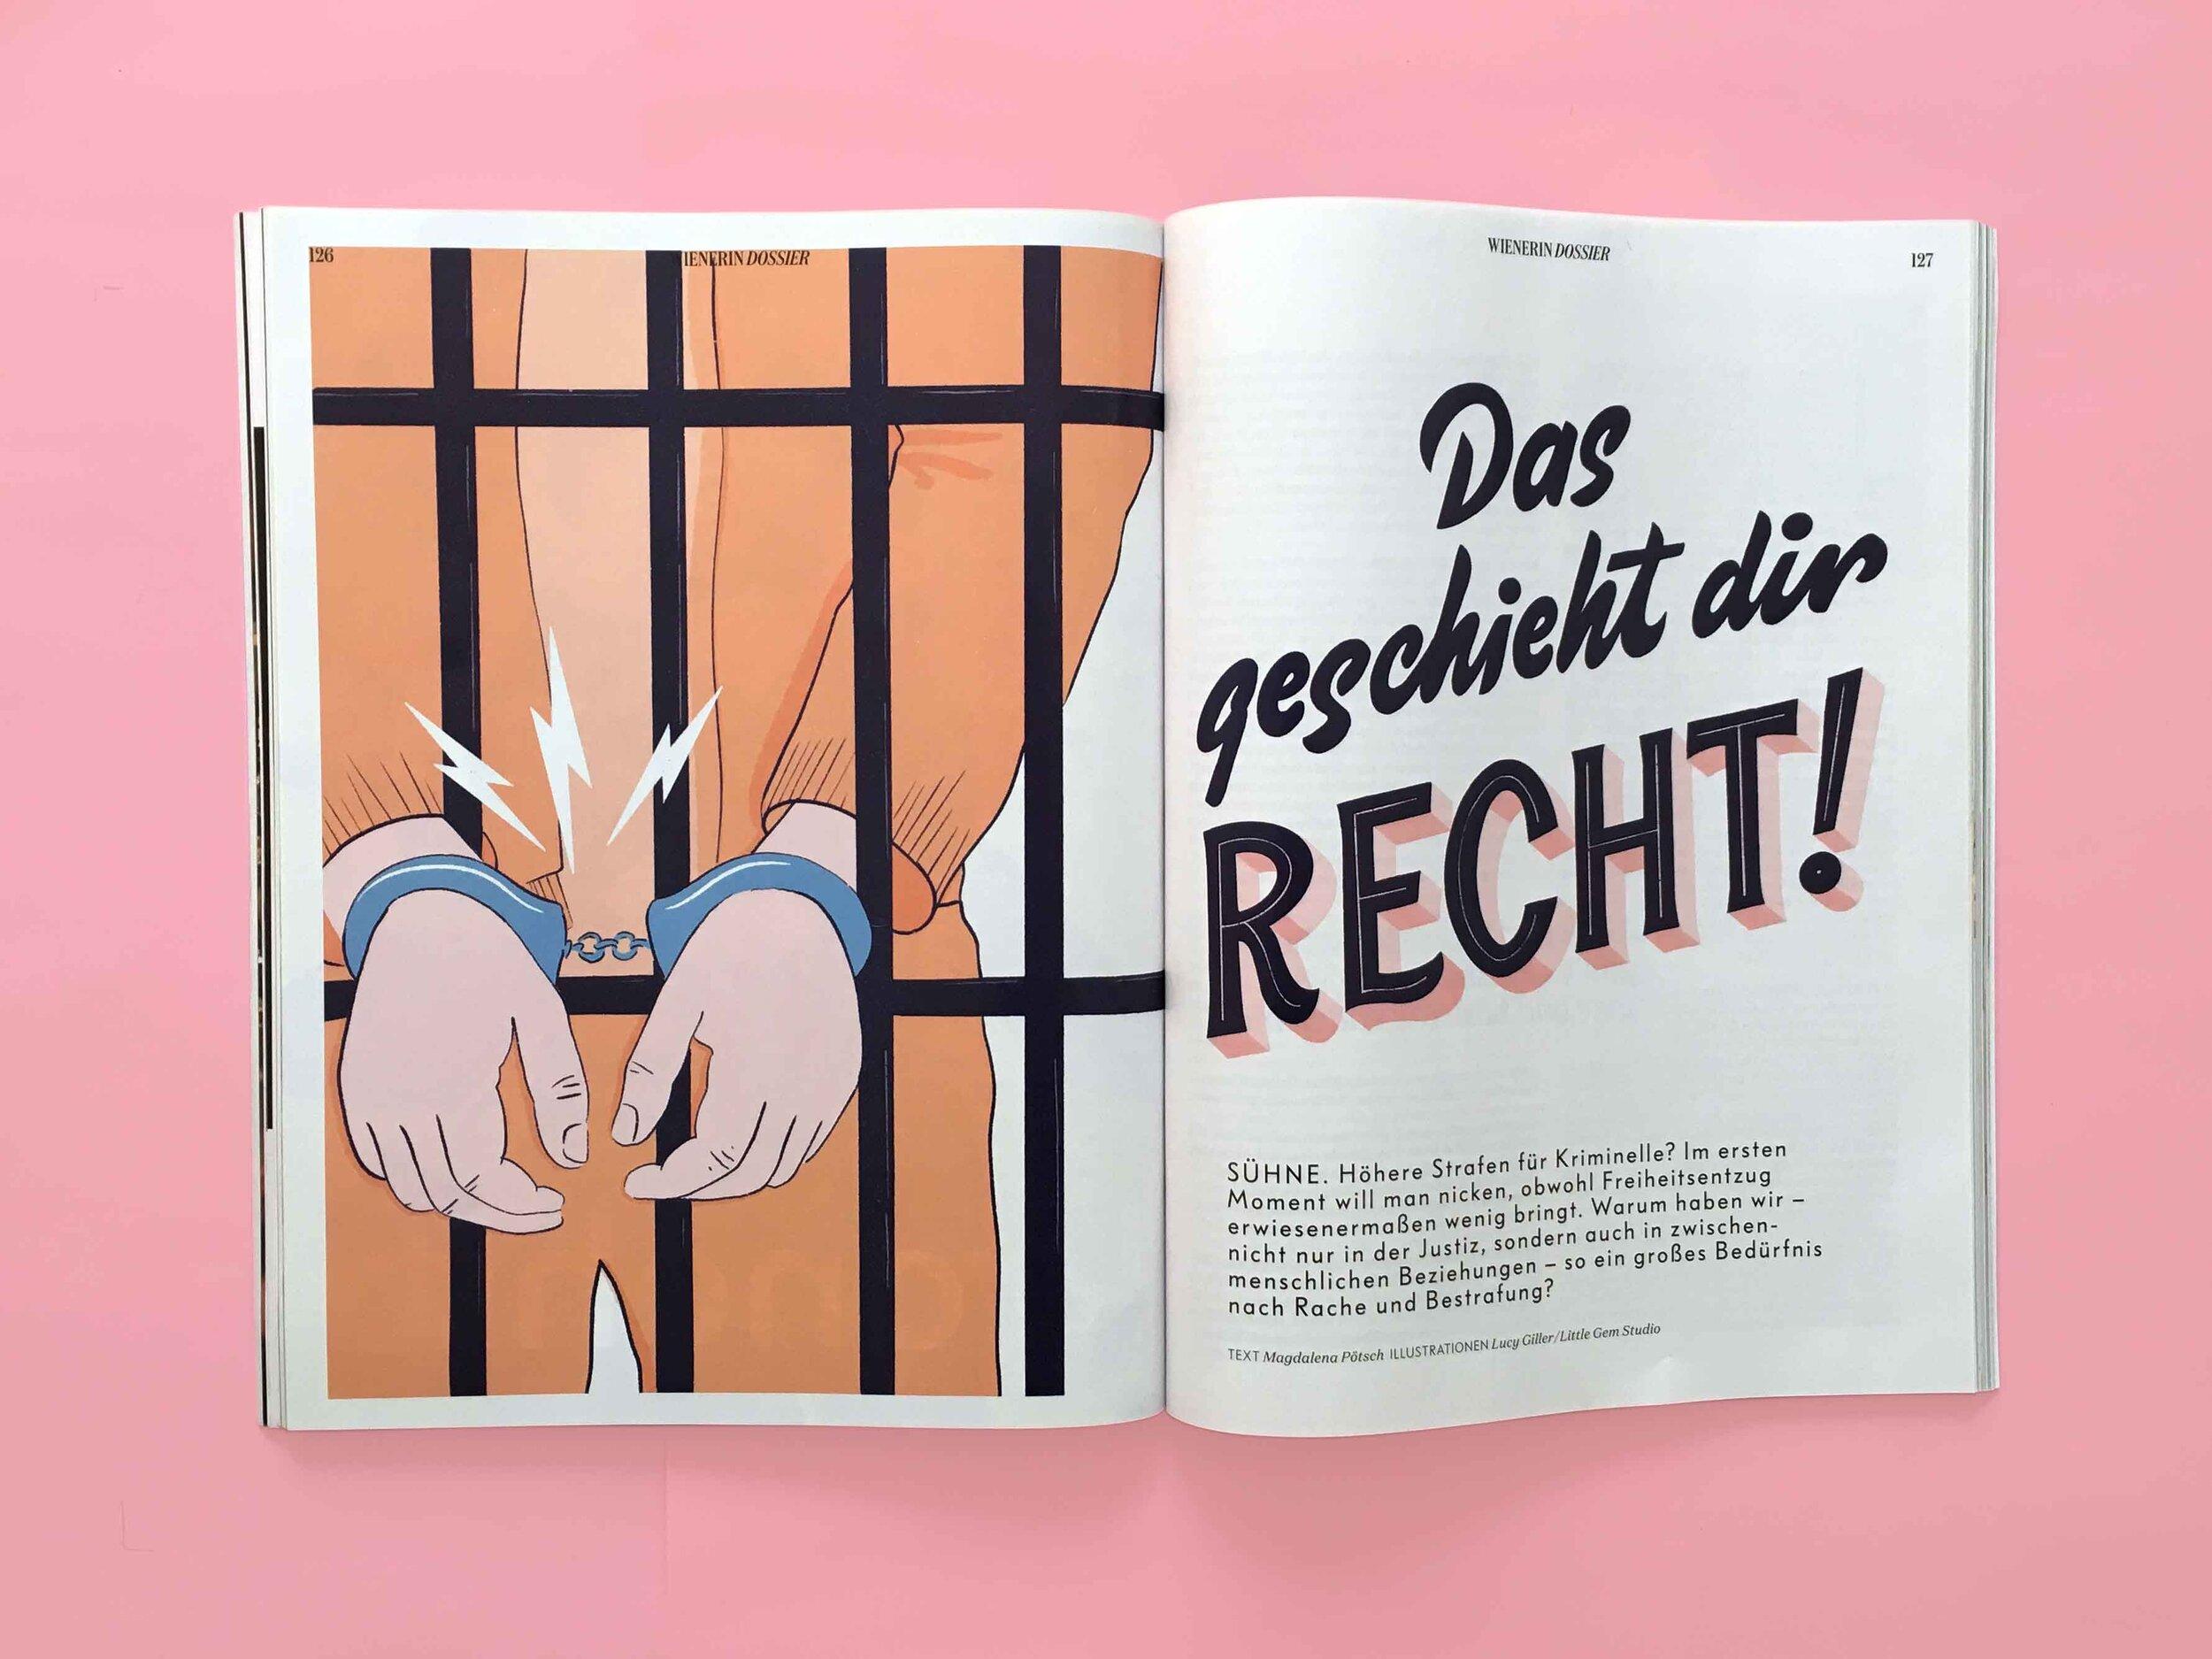 Wienerin-illustration-1